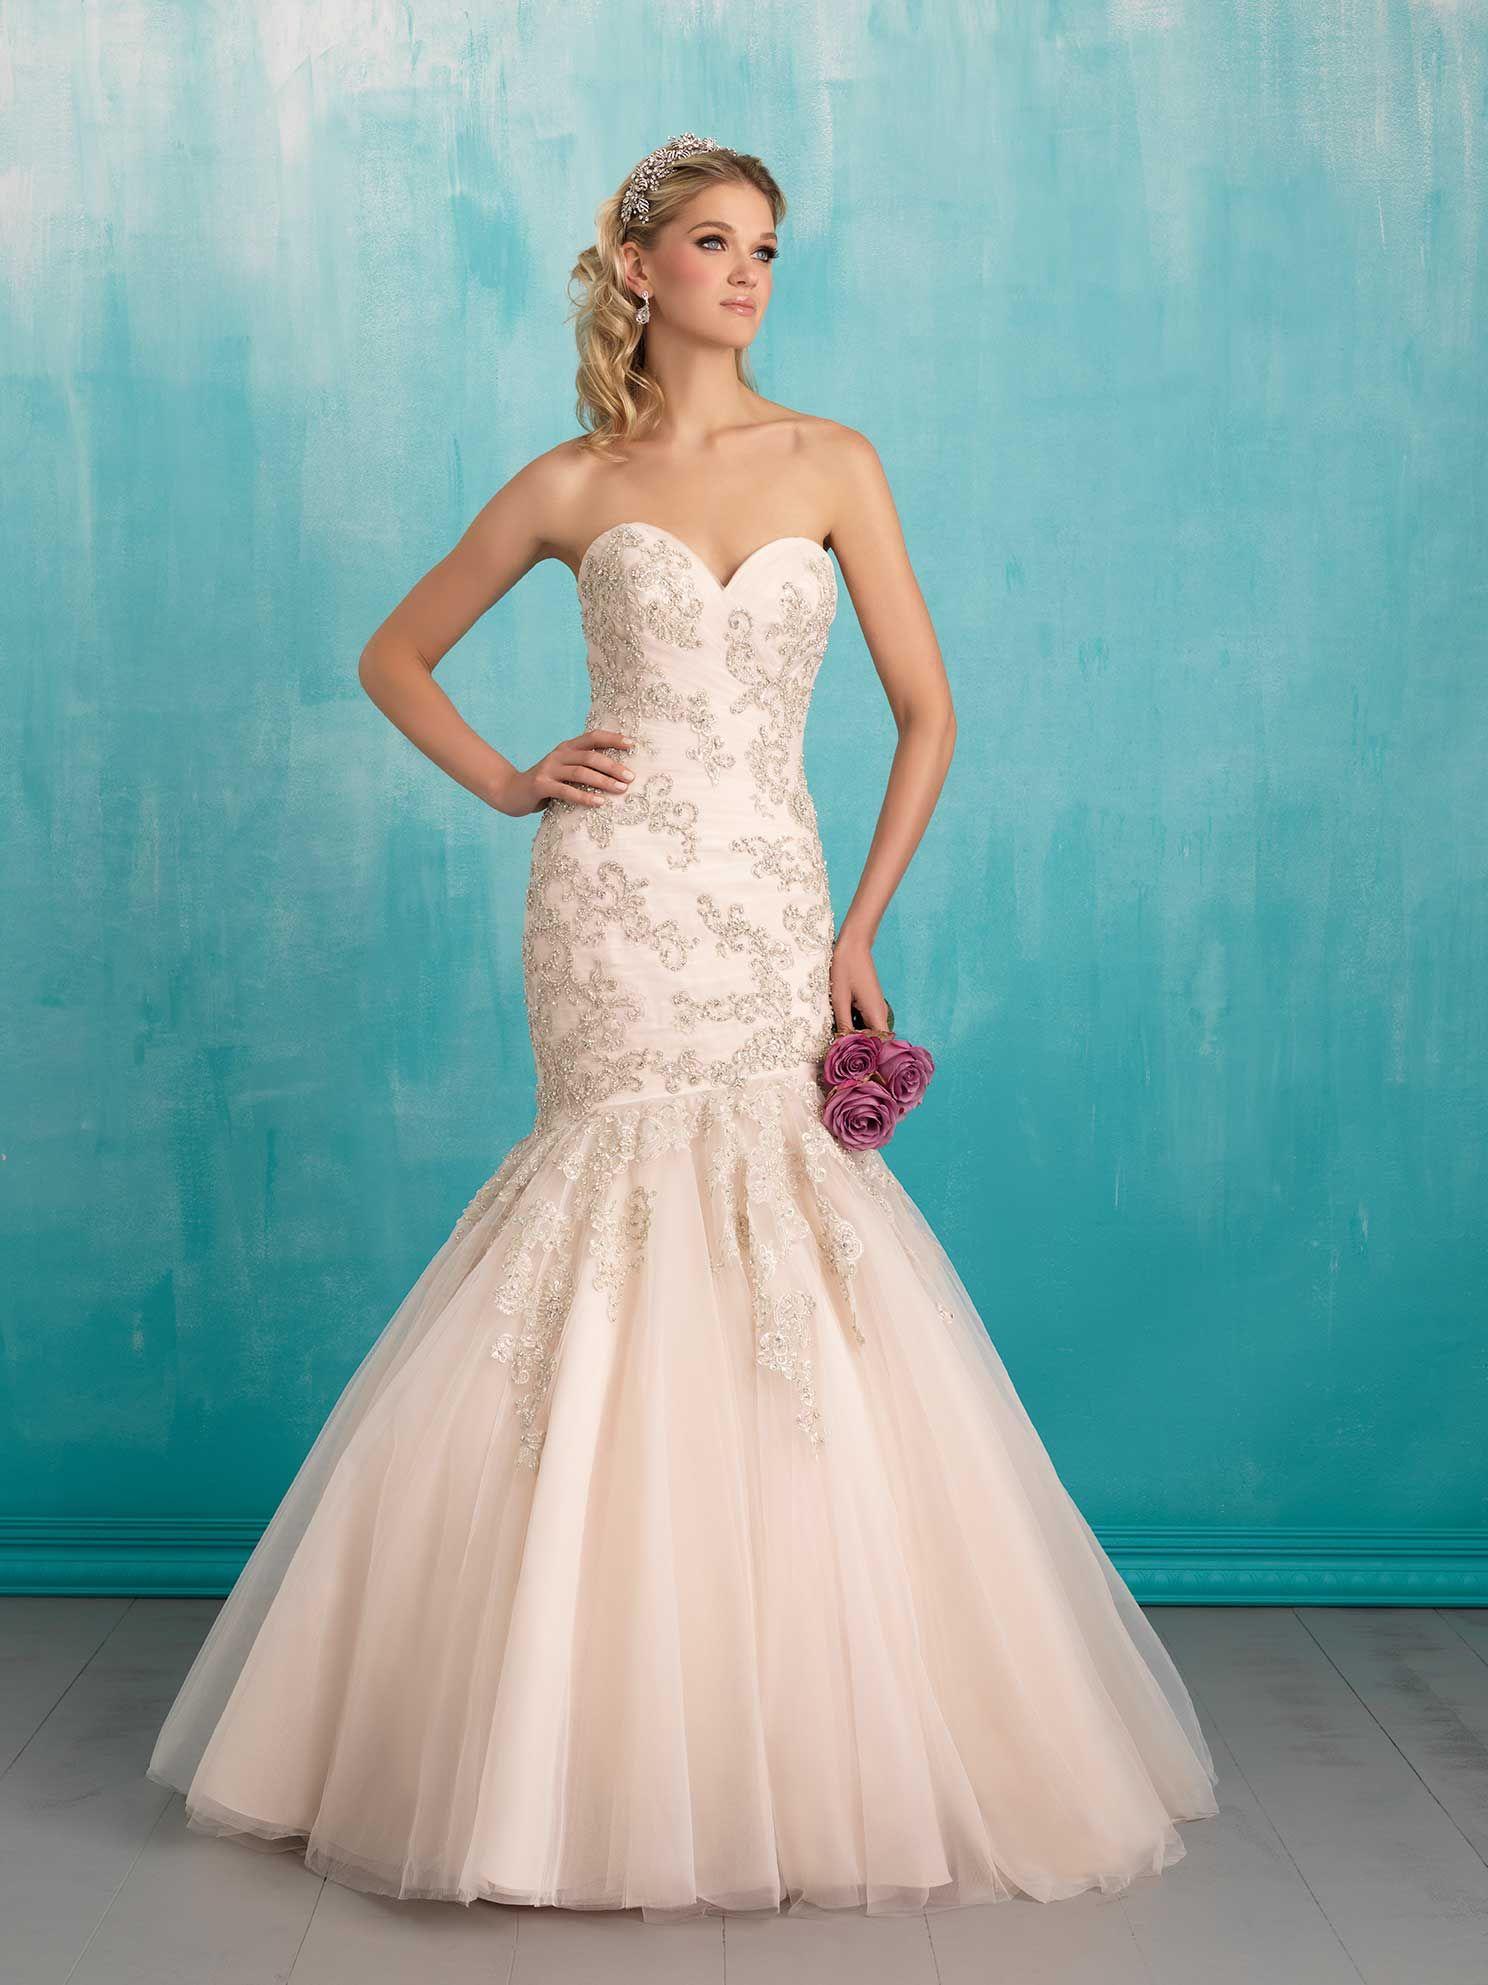 Vestidos para novia - La mejor selección en color | Allure bridal ...